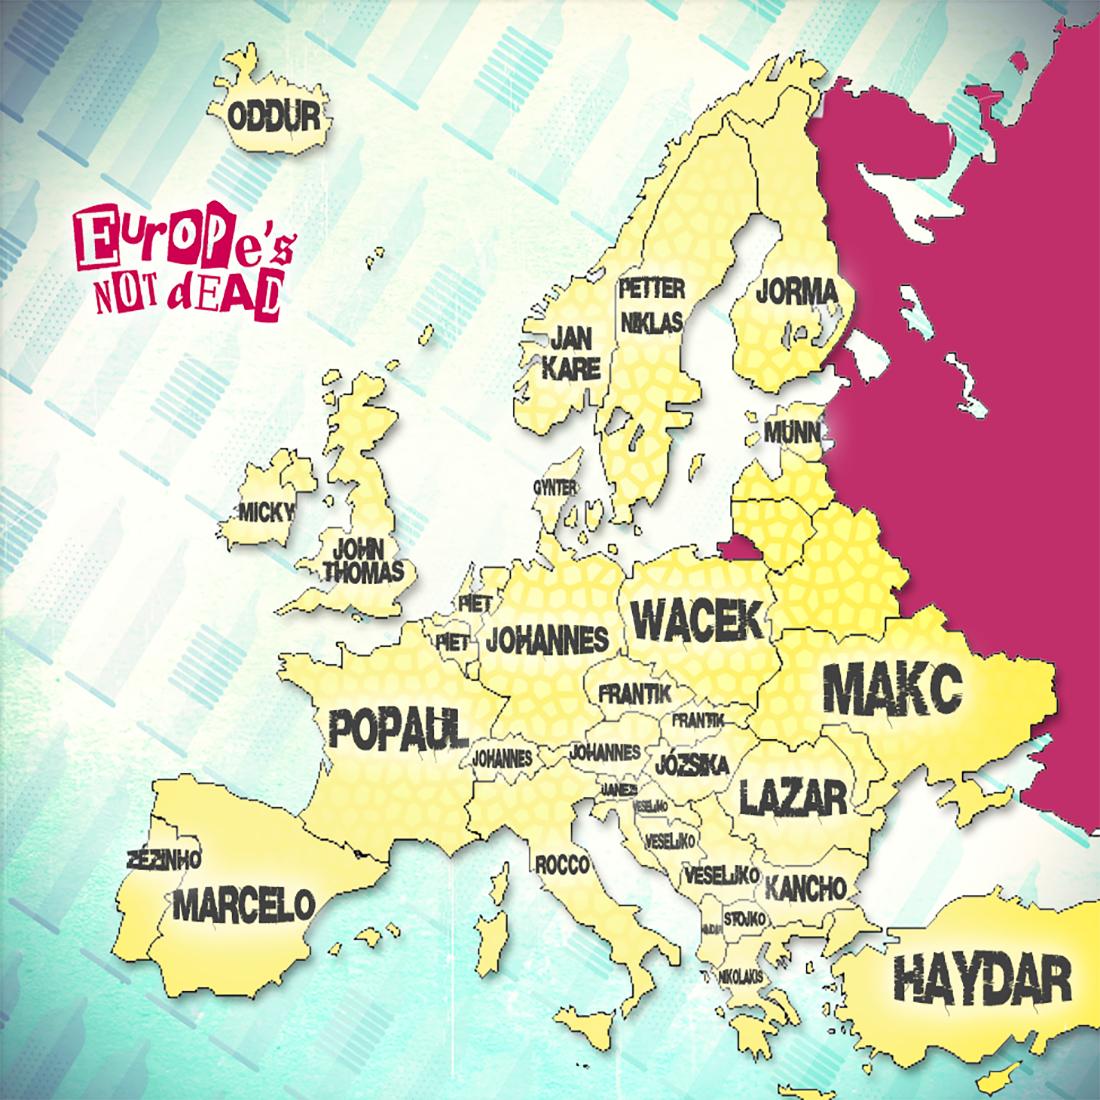 Zizis européens